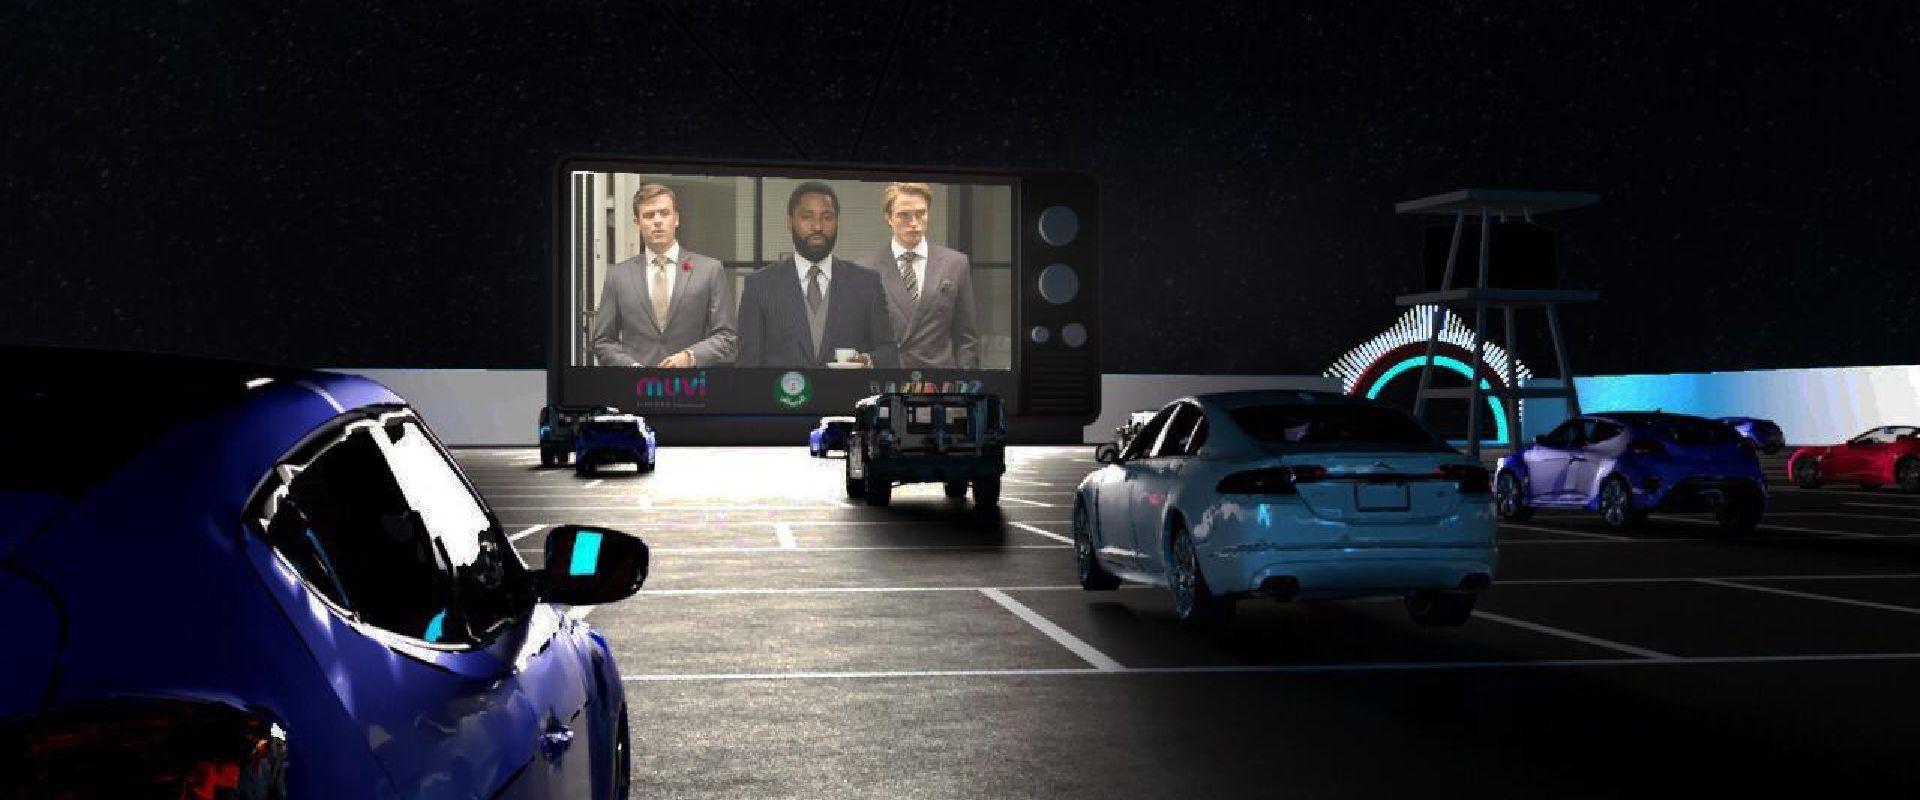 سينما السيارات الرياض احجز تذاكر الأفلام السينمائية على الانترنت موڤي سينما في السعودية